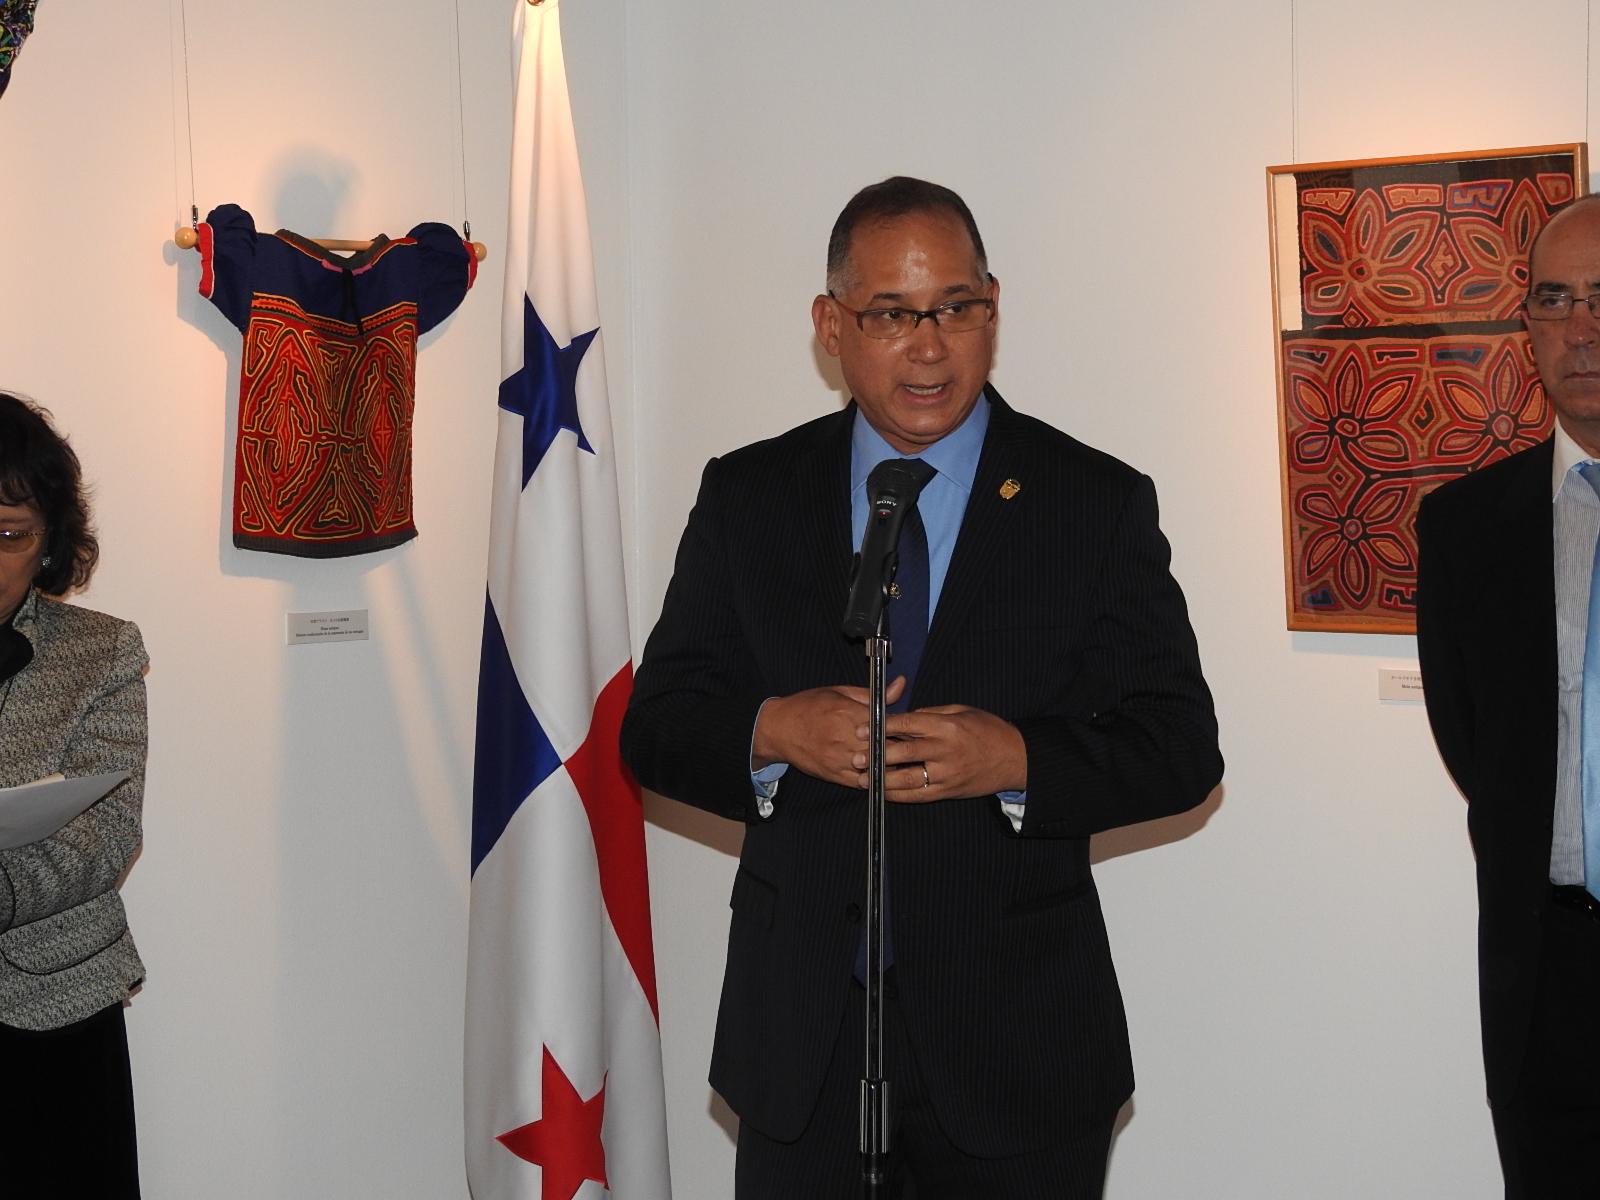 展示会開催記念カクテルで開会の辞を述べるリッテル・ディアス駐日パナマ大使